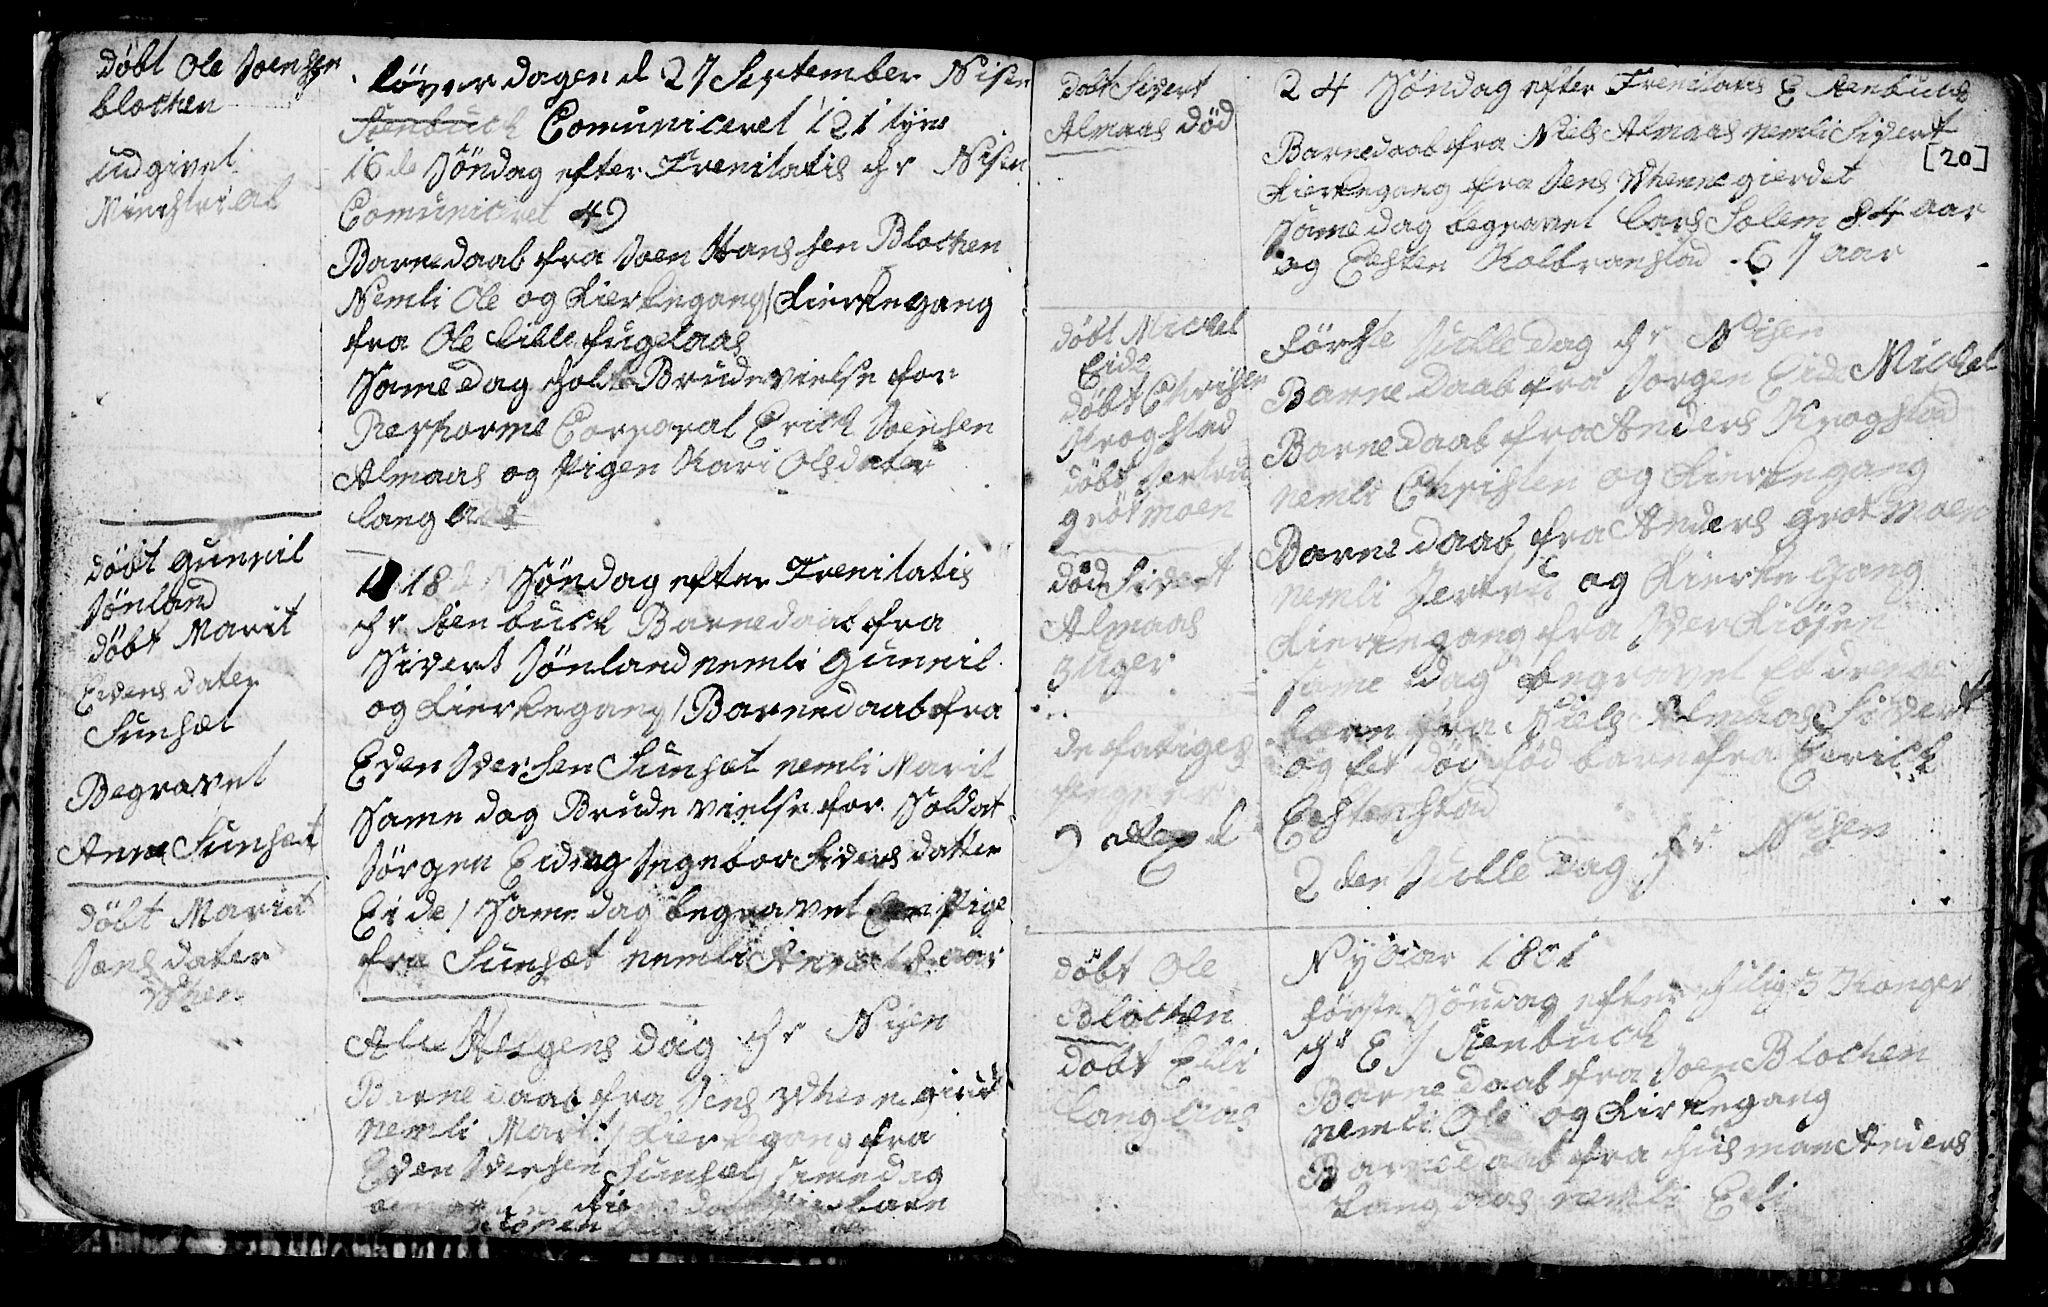 SAT, Ministerialprotokoller, klokkerbøker og fødselsregistre - Sør-Trøndelag, 694/L1129: Klokkerbok nr. 694C01, 1793-1815, s. 20